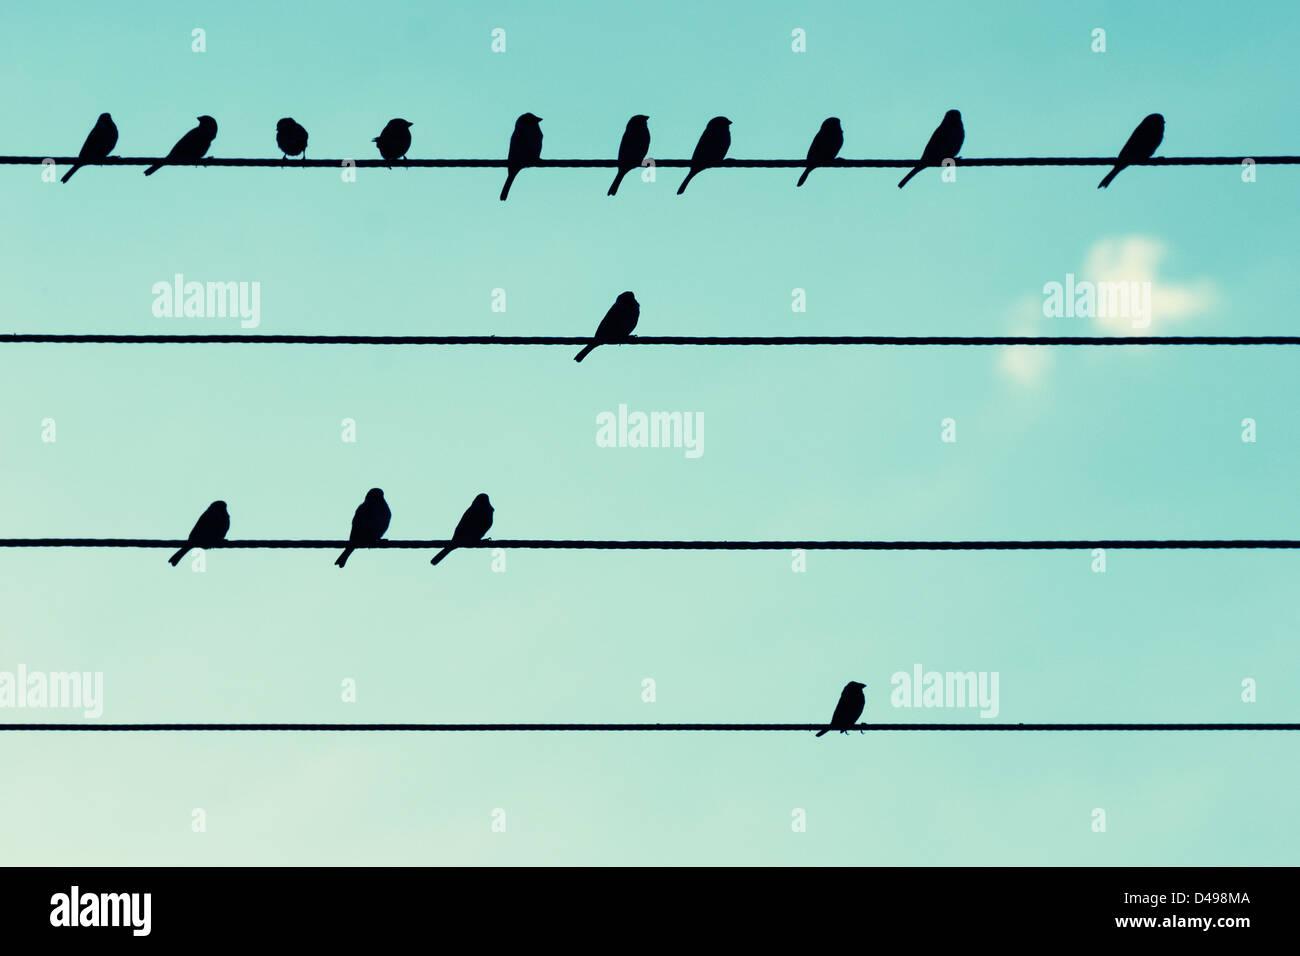 Les oiseaux sur les câbles d'alimentation, comme les notes de musique. Photo Stock